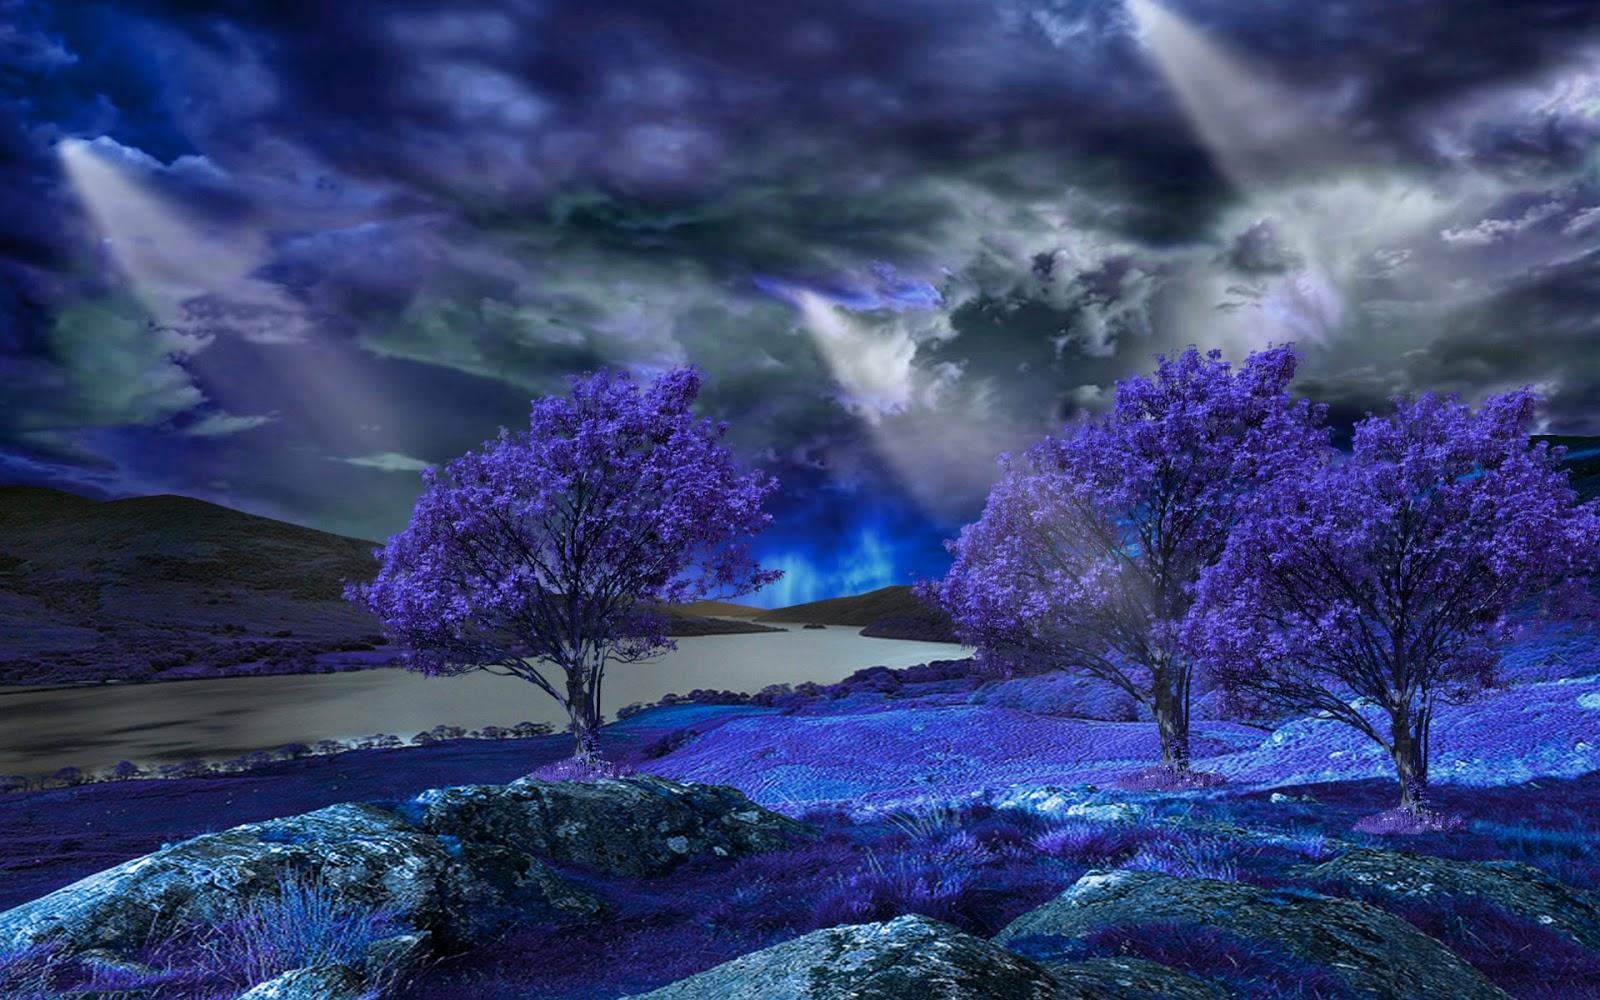 Tạo bài viết mới Ảnh thiên nhiên đẹp mê hồn